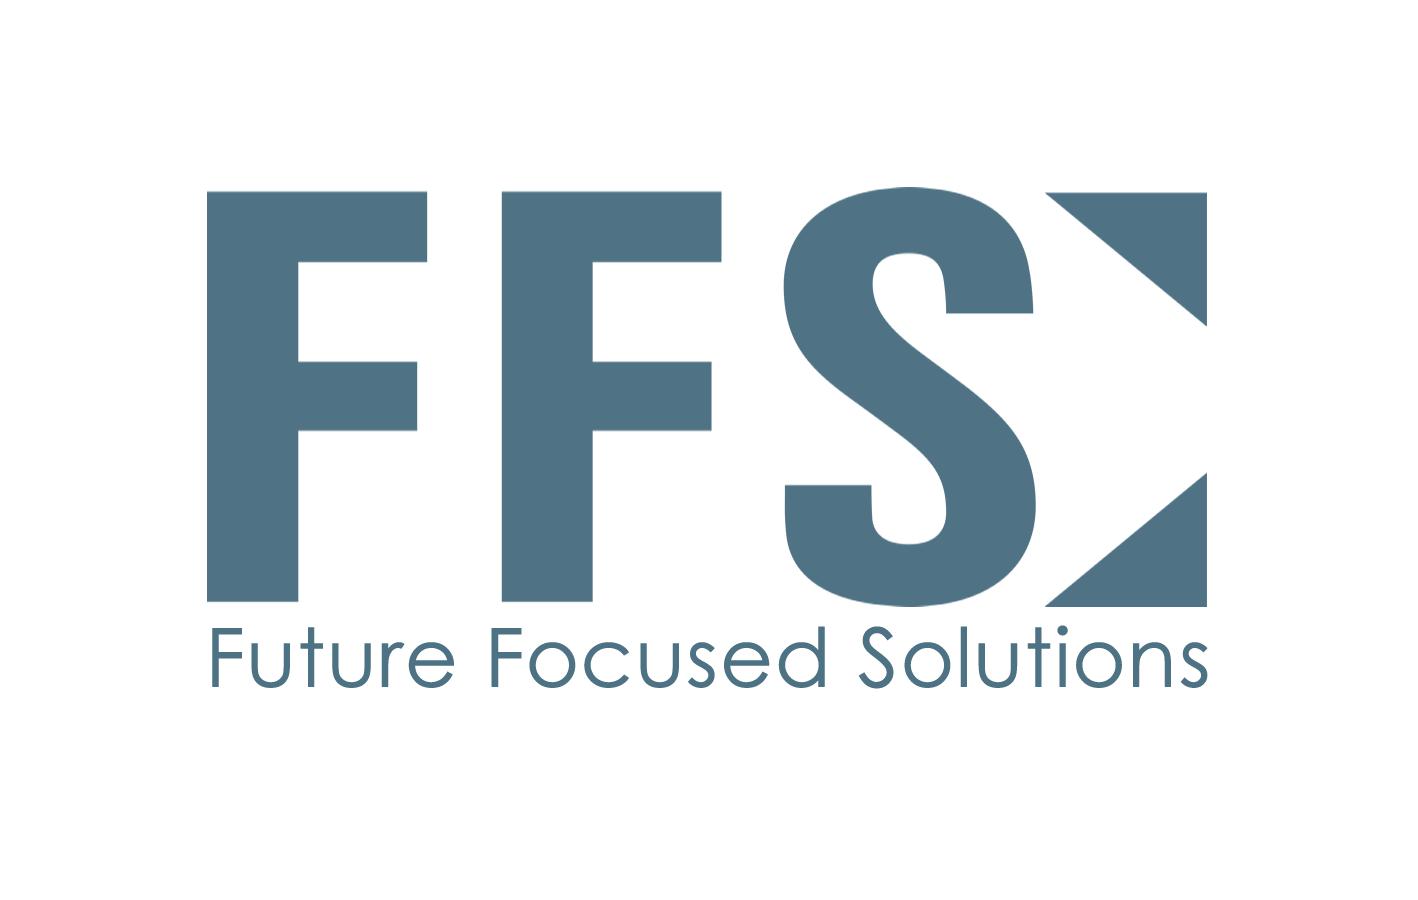 Client: Future Focused Solutions